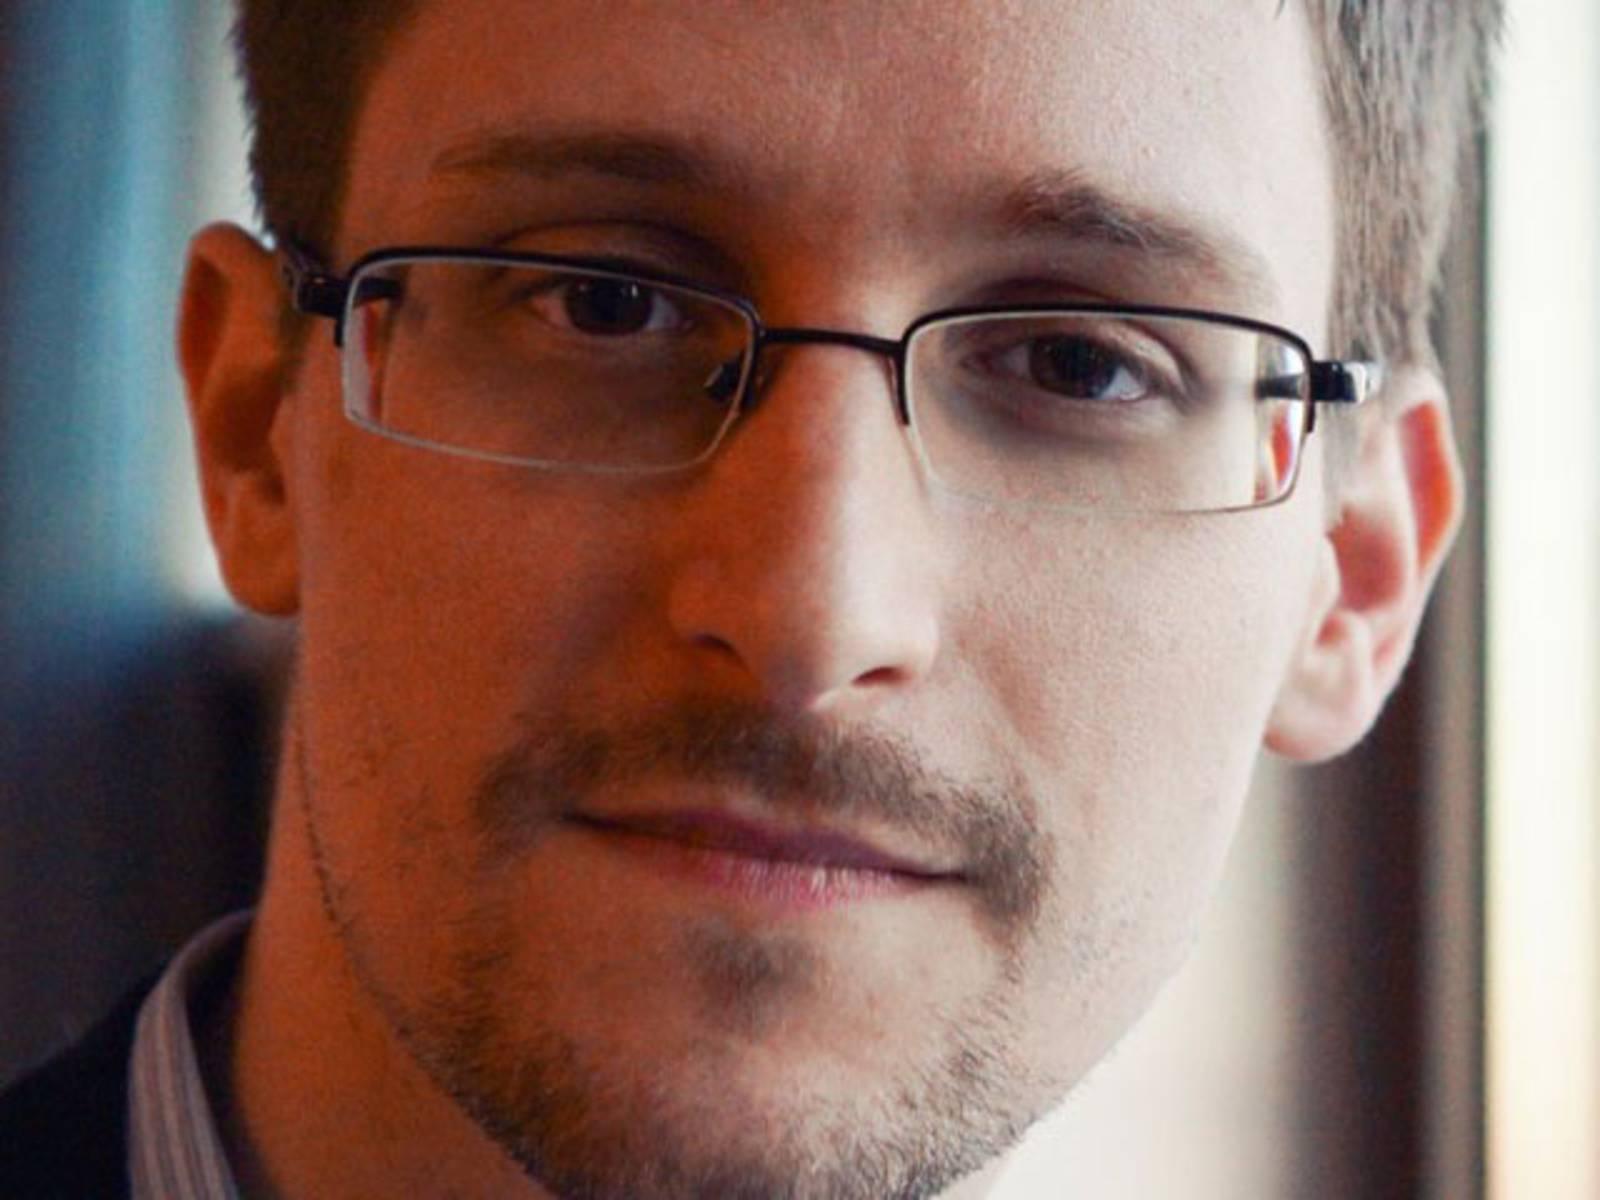 Porträtfoto eines Mannes mit Brille